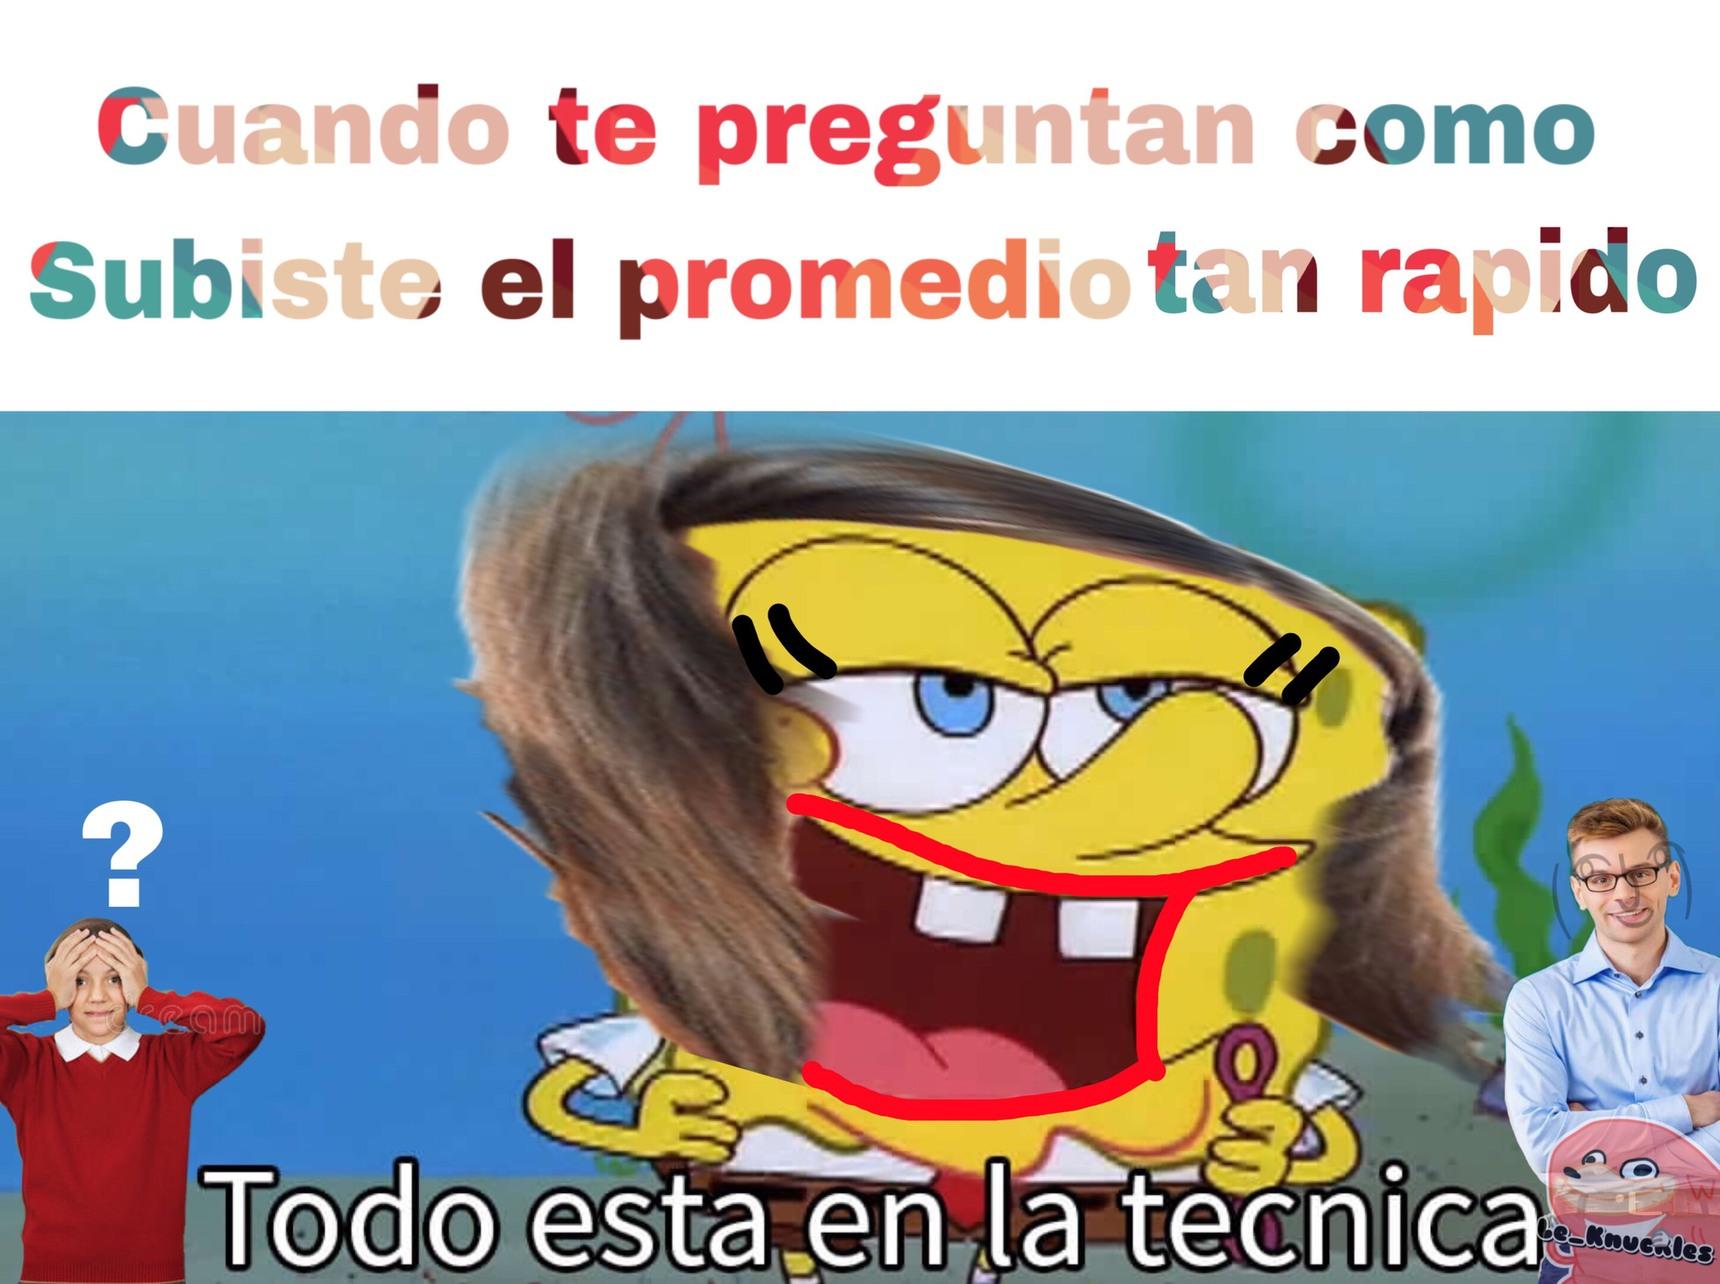 técnica - meme